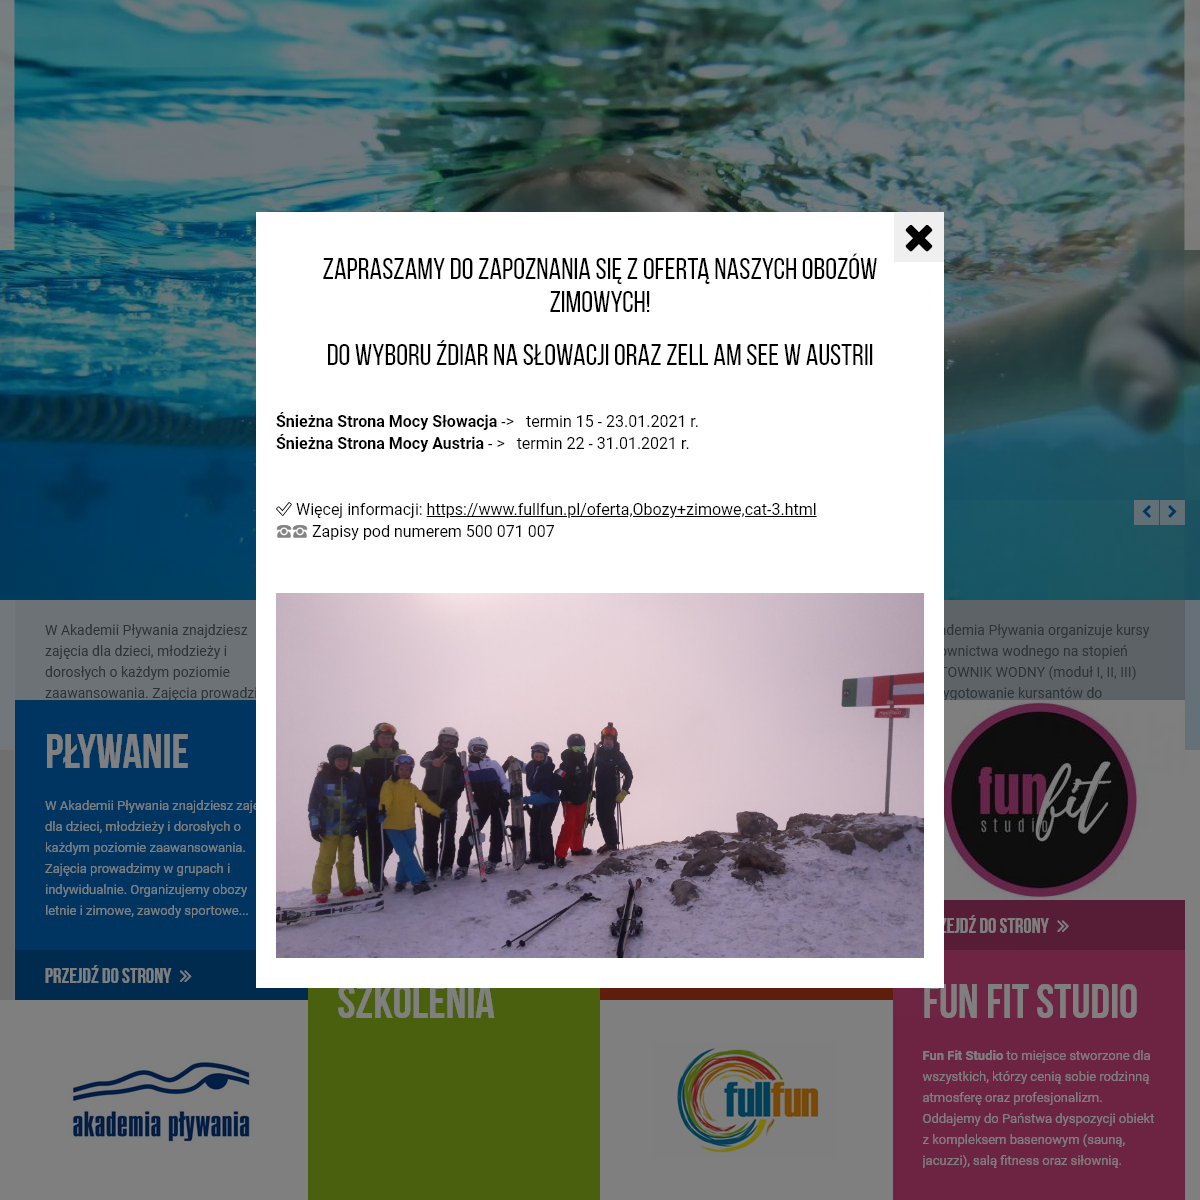 Nauka i doskonalenie pływania Szczecin, Goleniów - Akademia Pływania